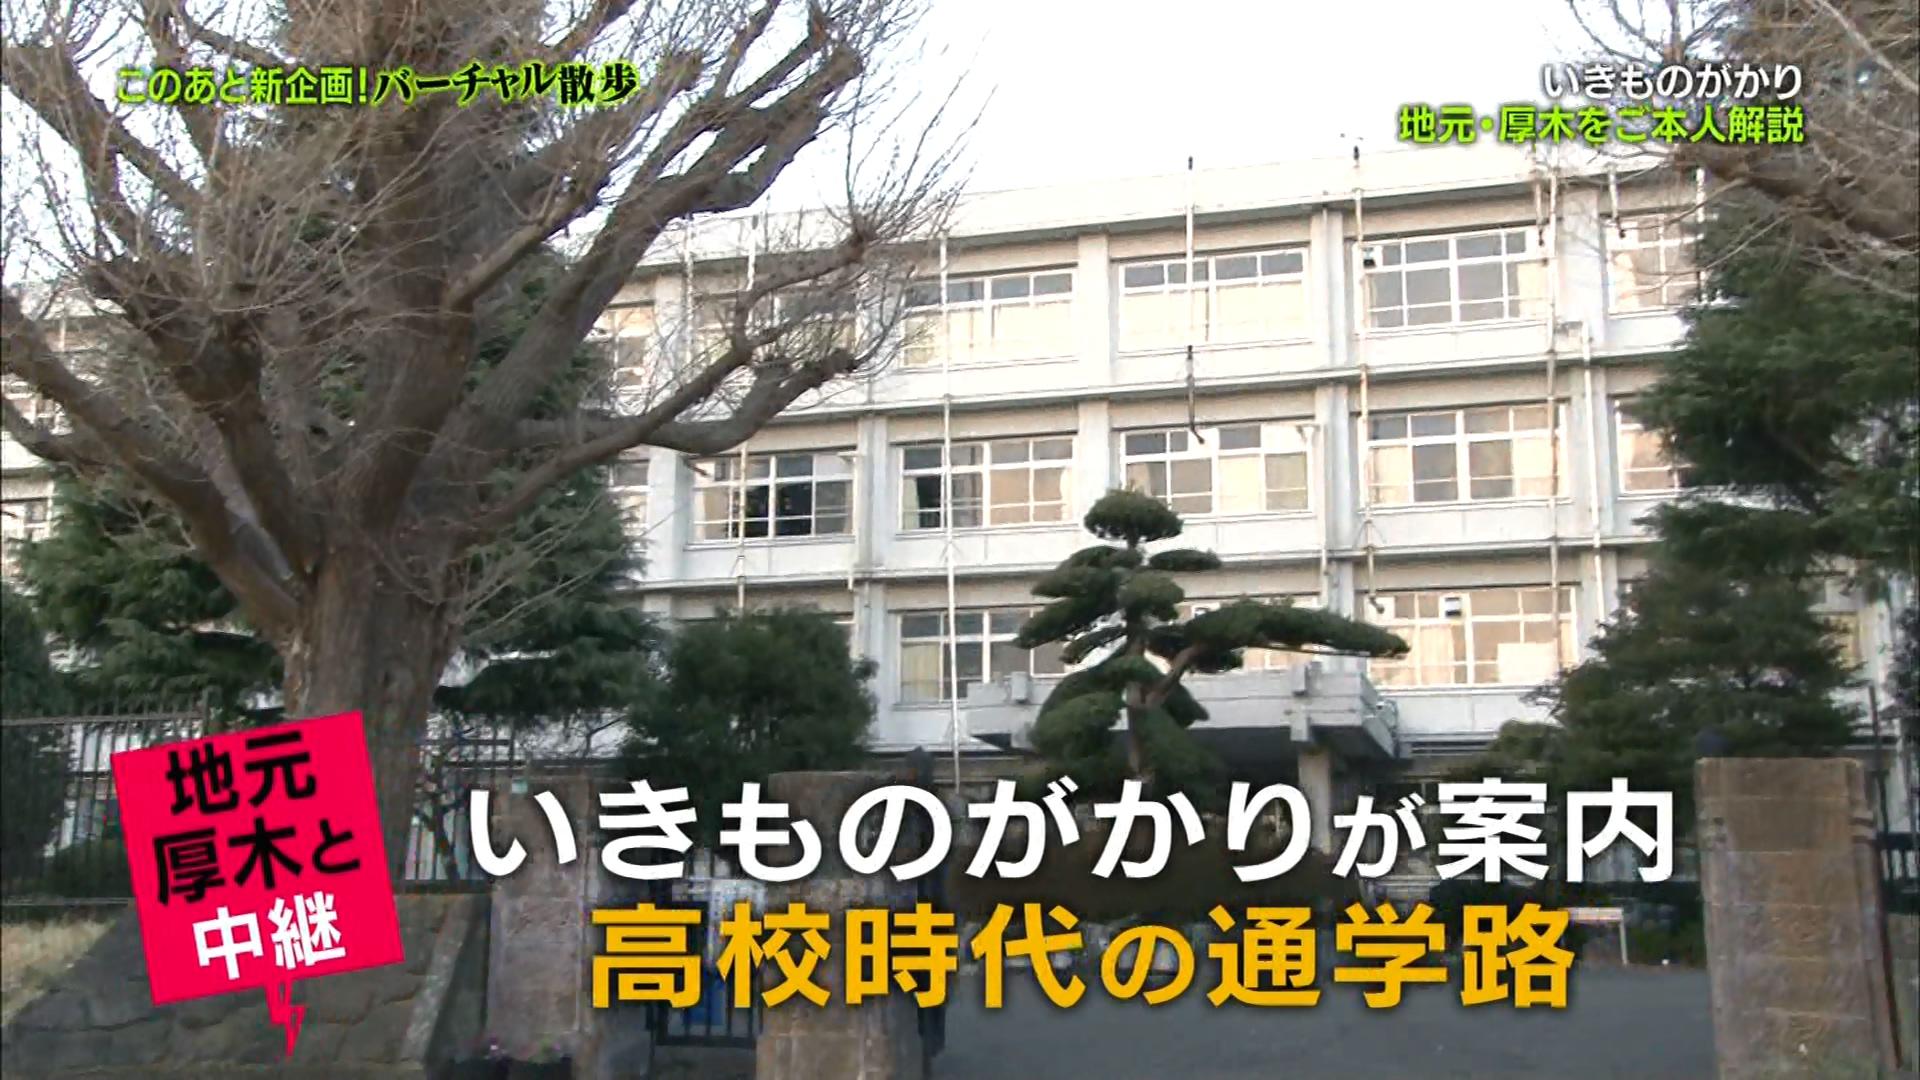 2016.03.11 全場(バズリズム).ts_20160312_013609.615